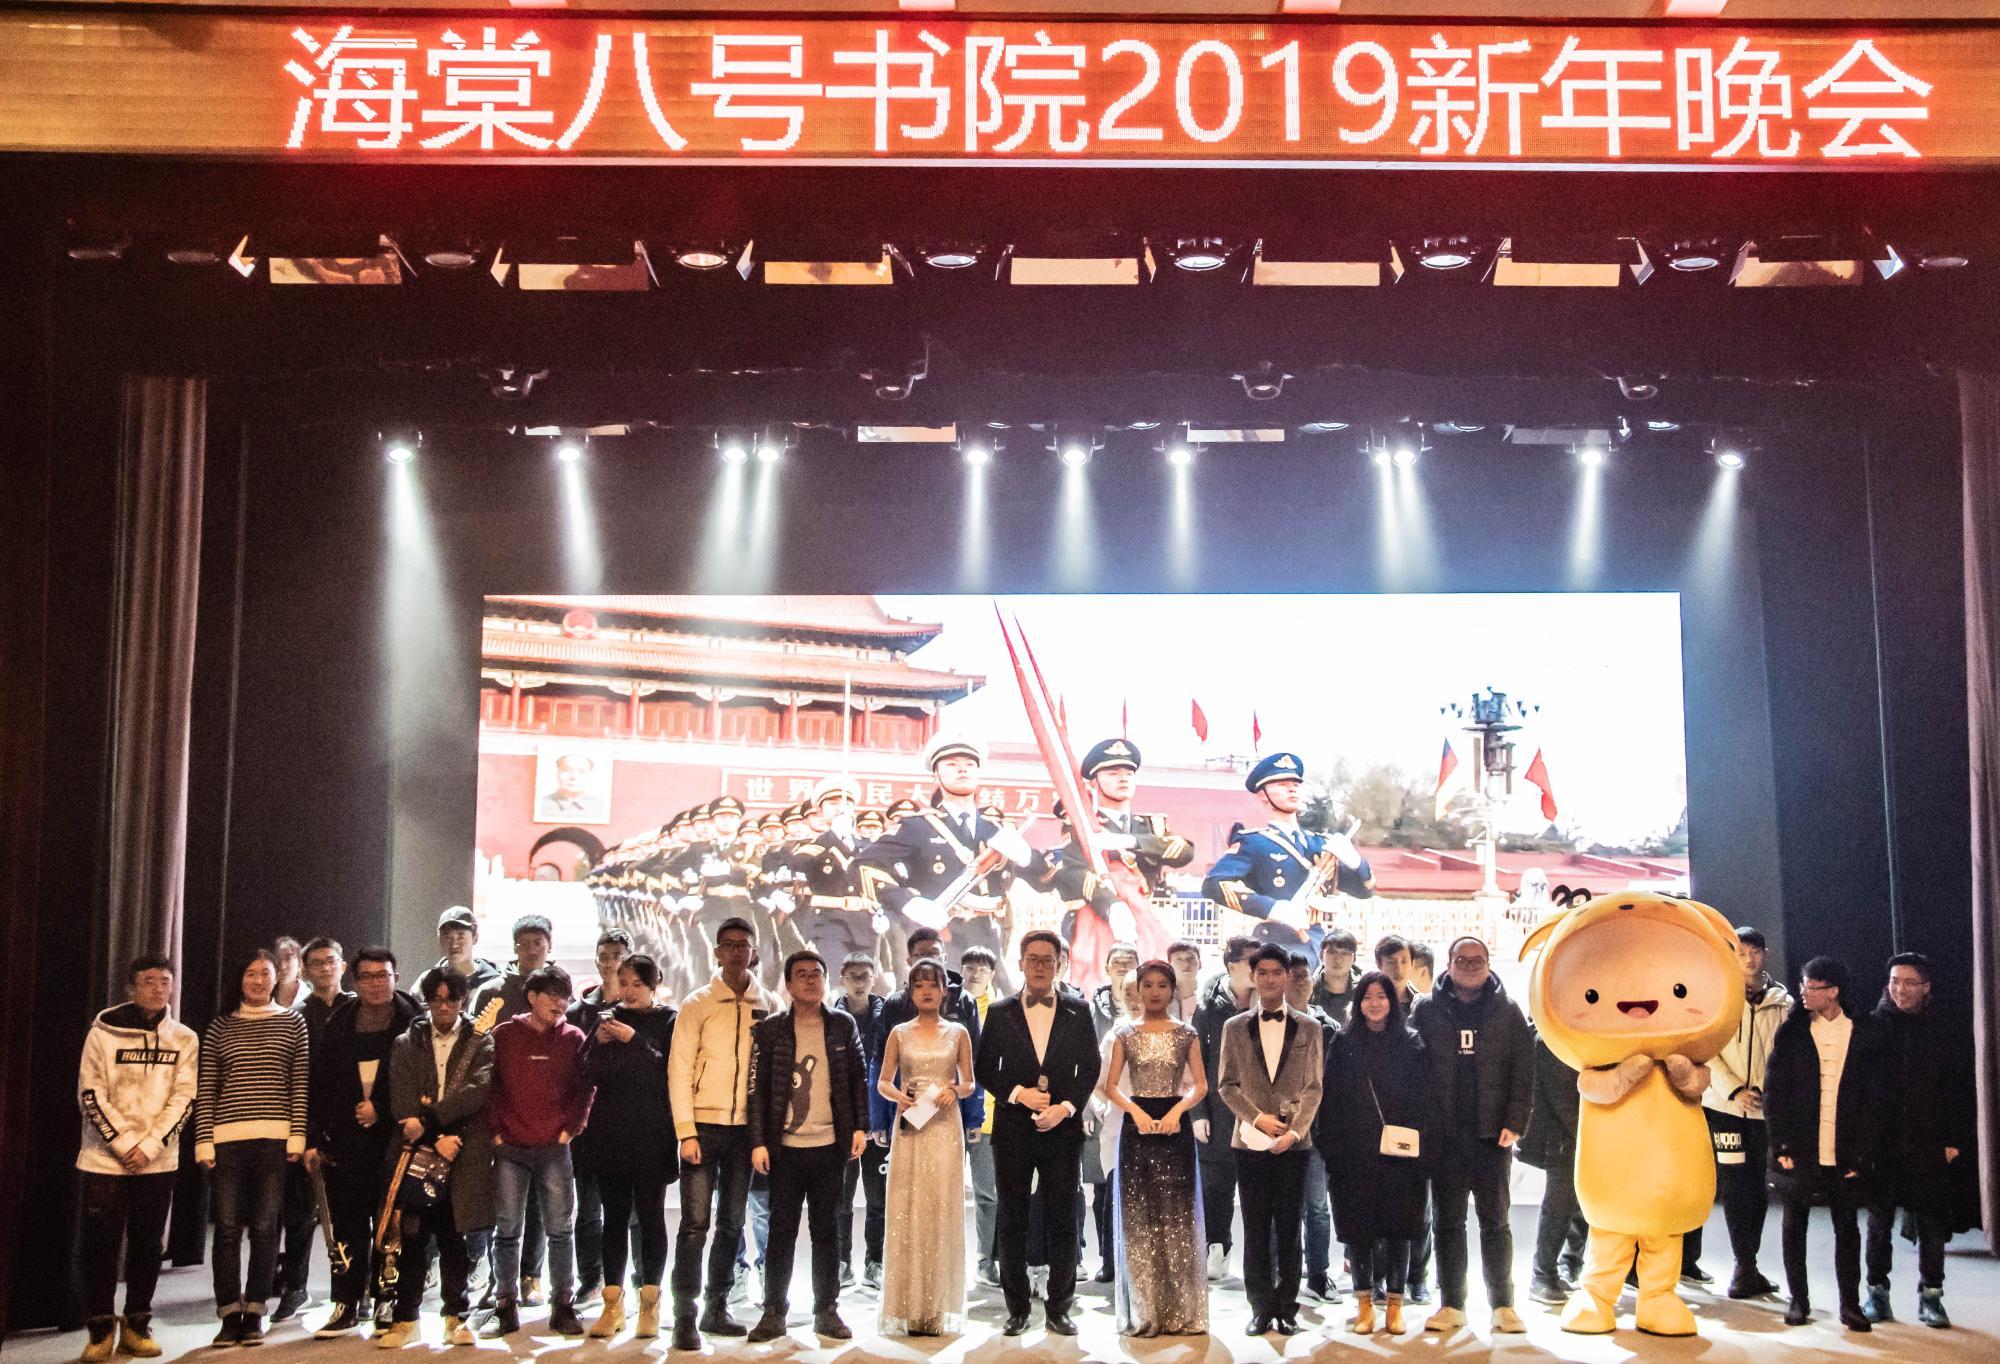 八音迭奏,荟萃一棠——海棠八号书院举办2019年新年晚会